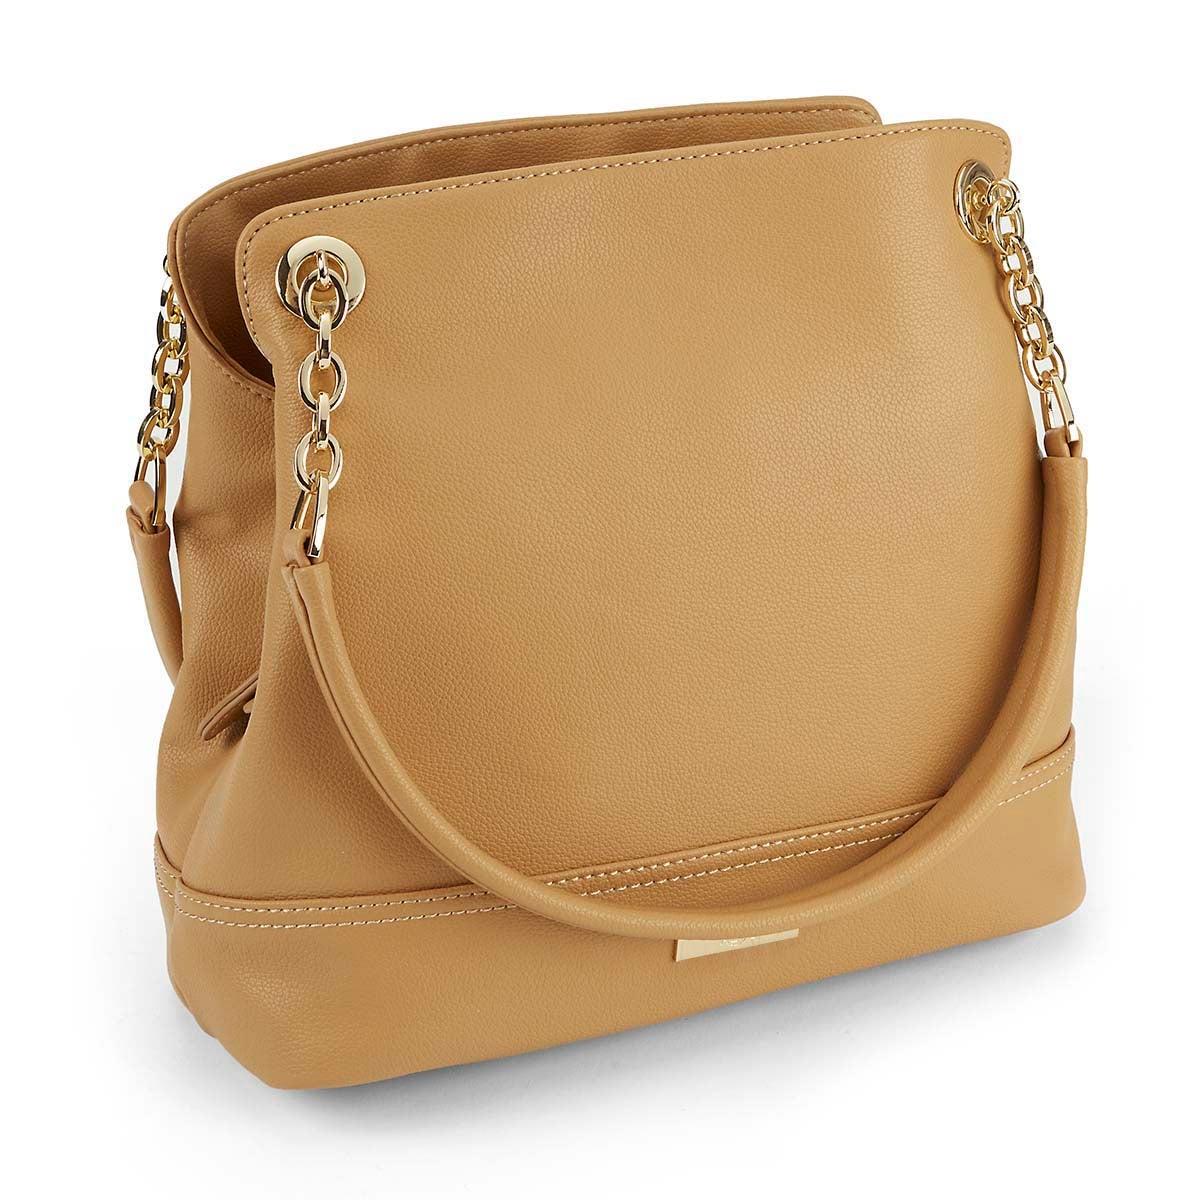 Lds Chain sand double strap shoulder bag